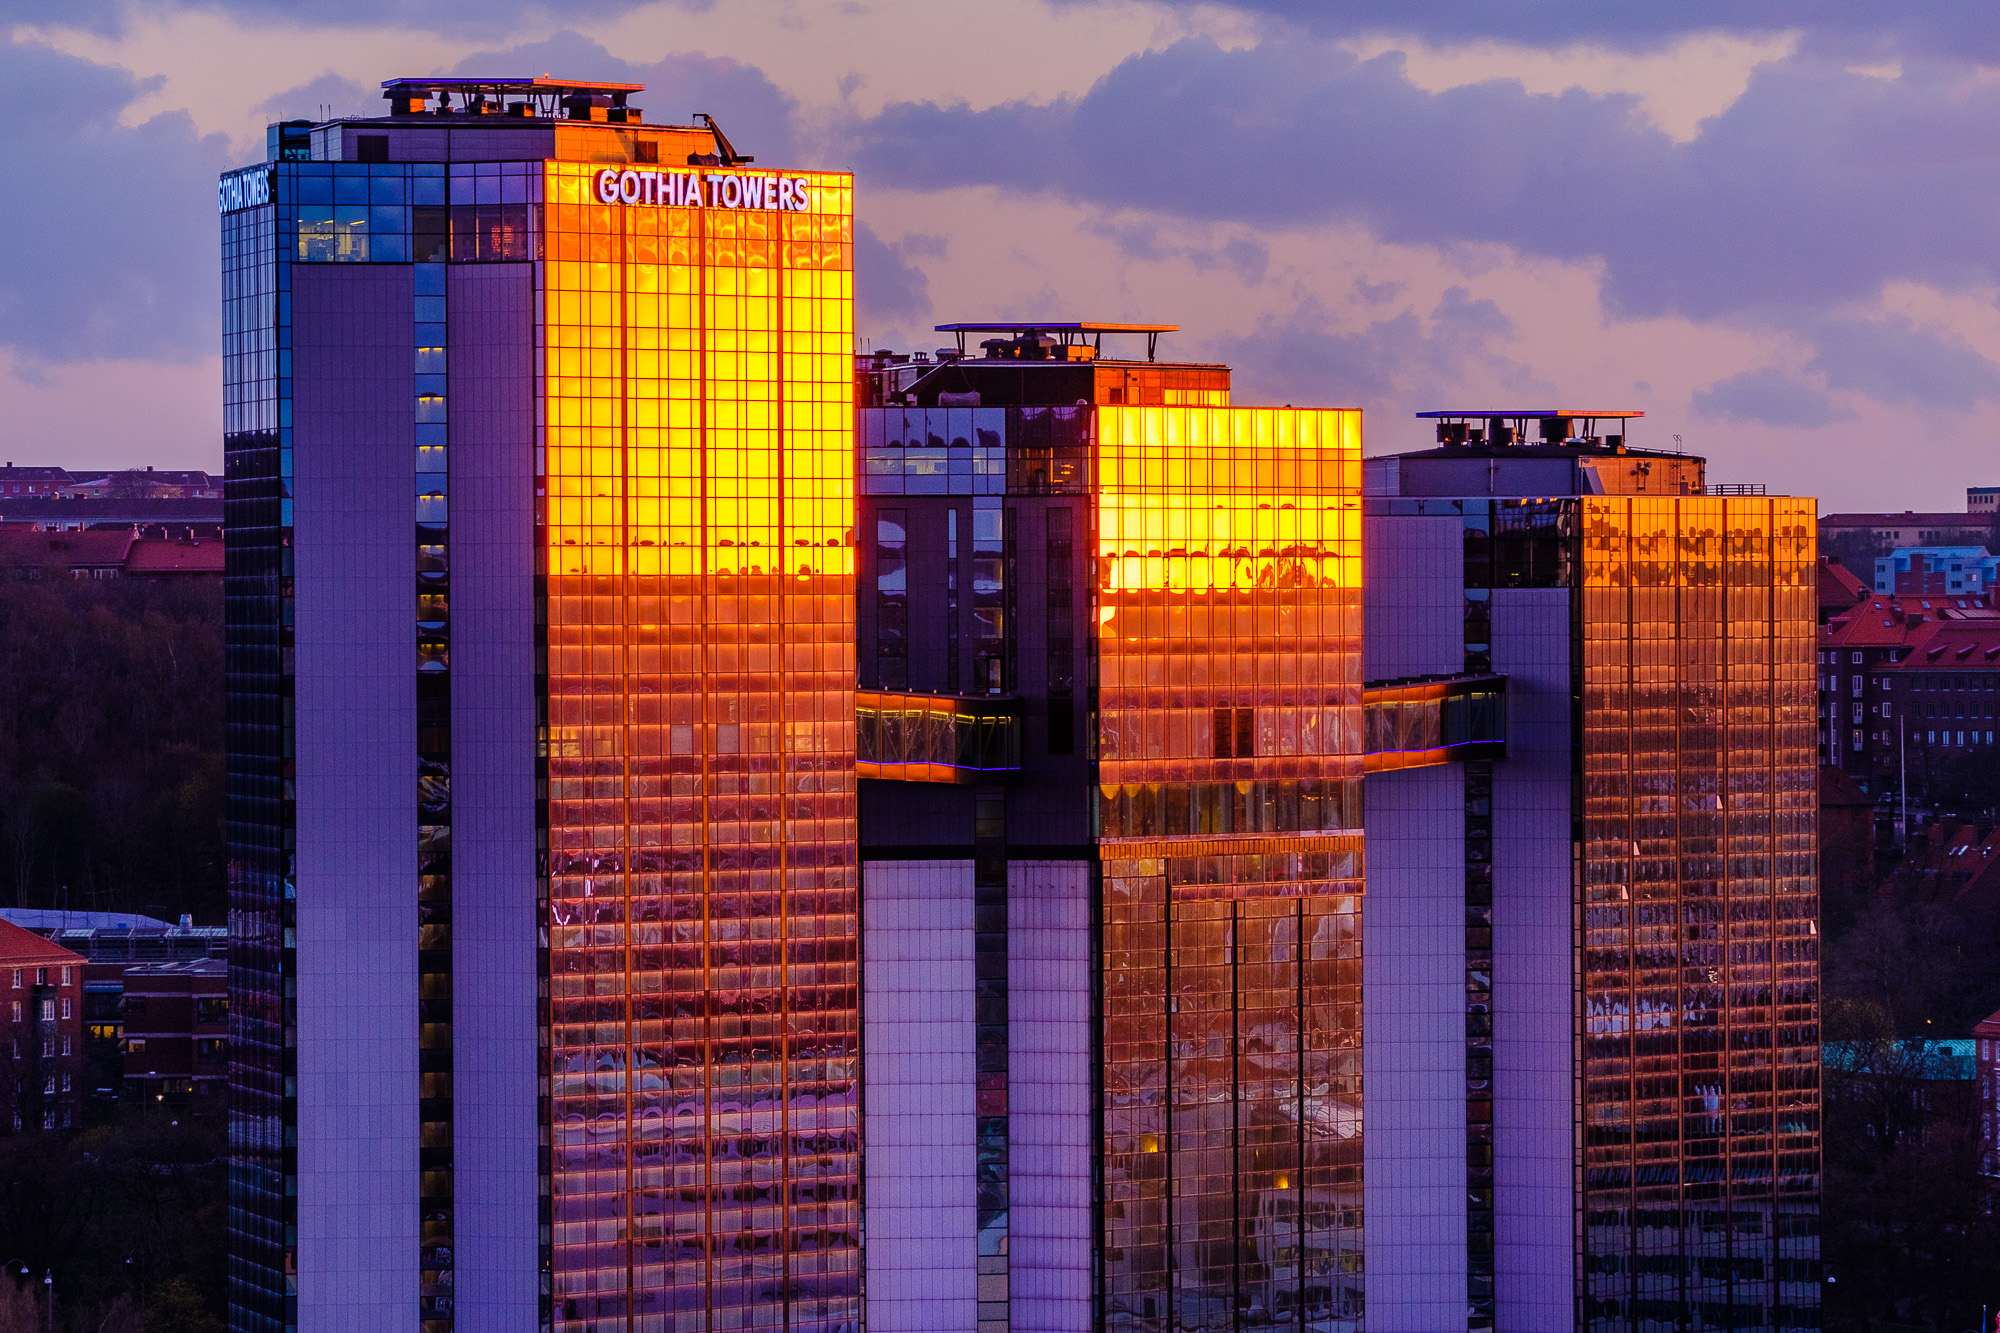 Gothia Towers, Göteborg